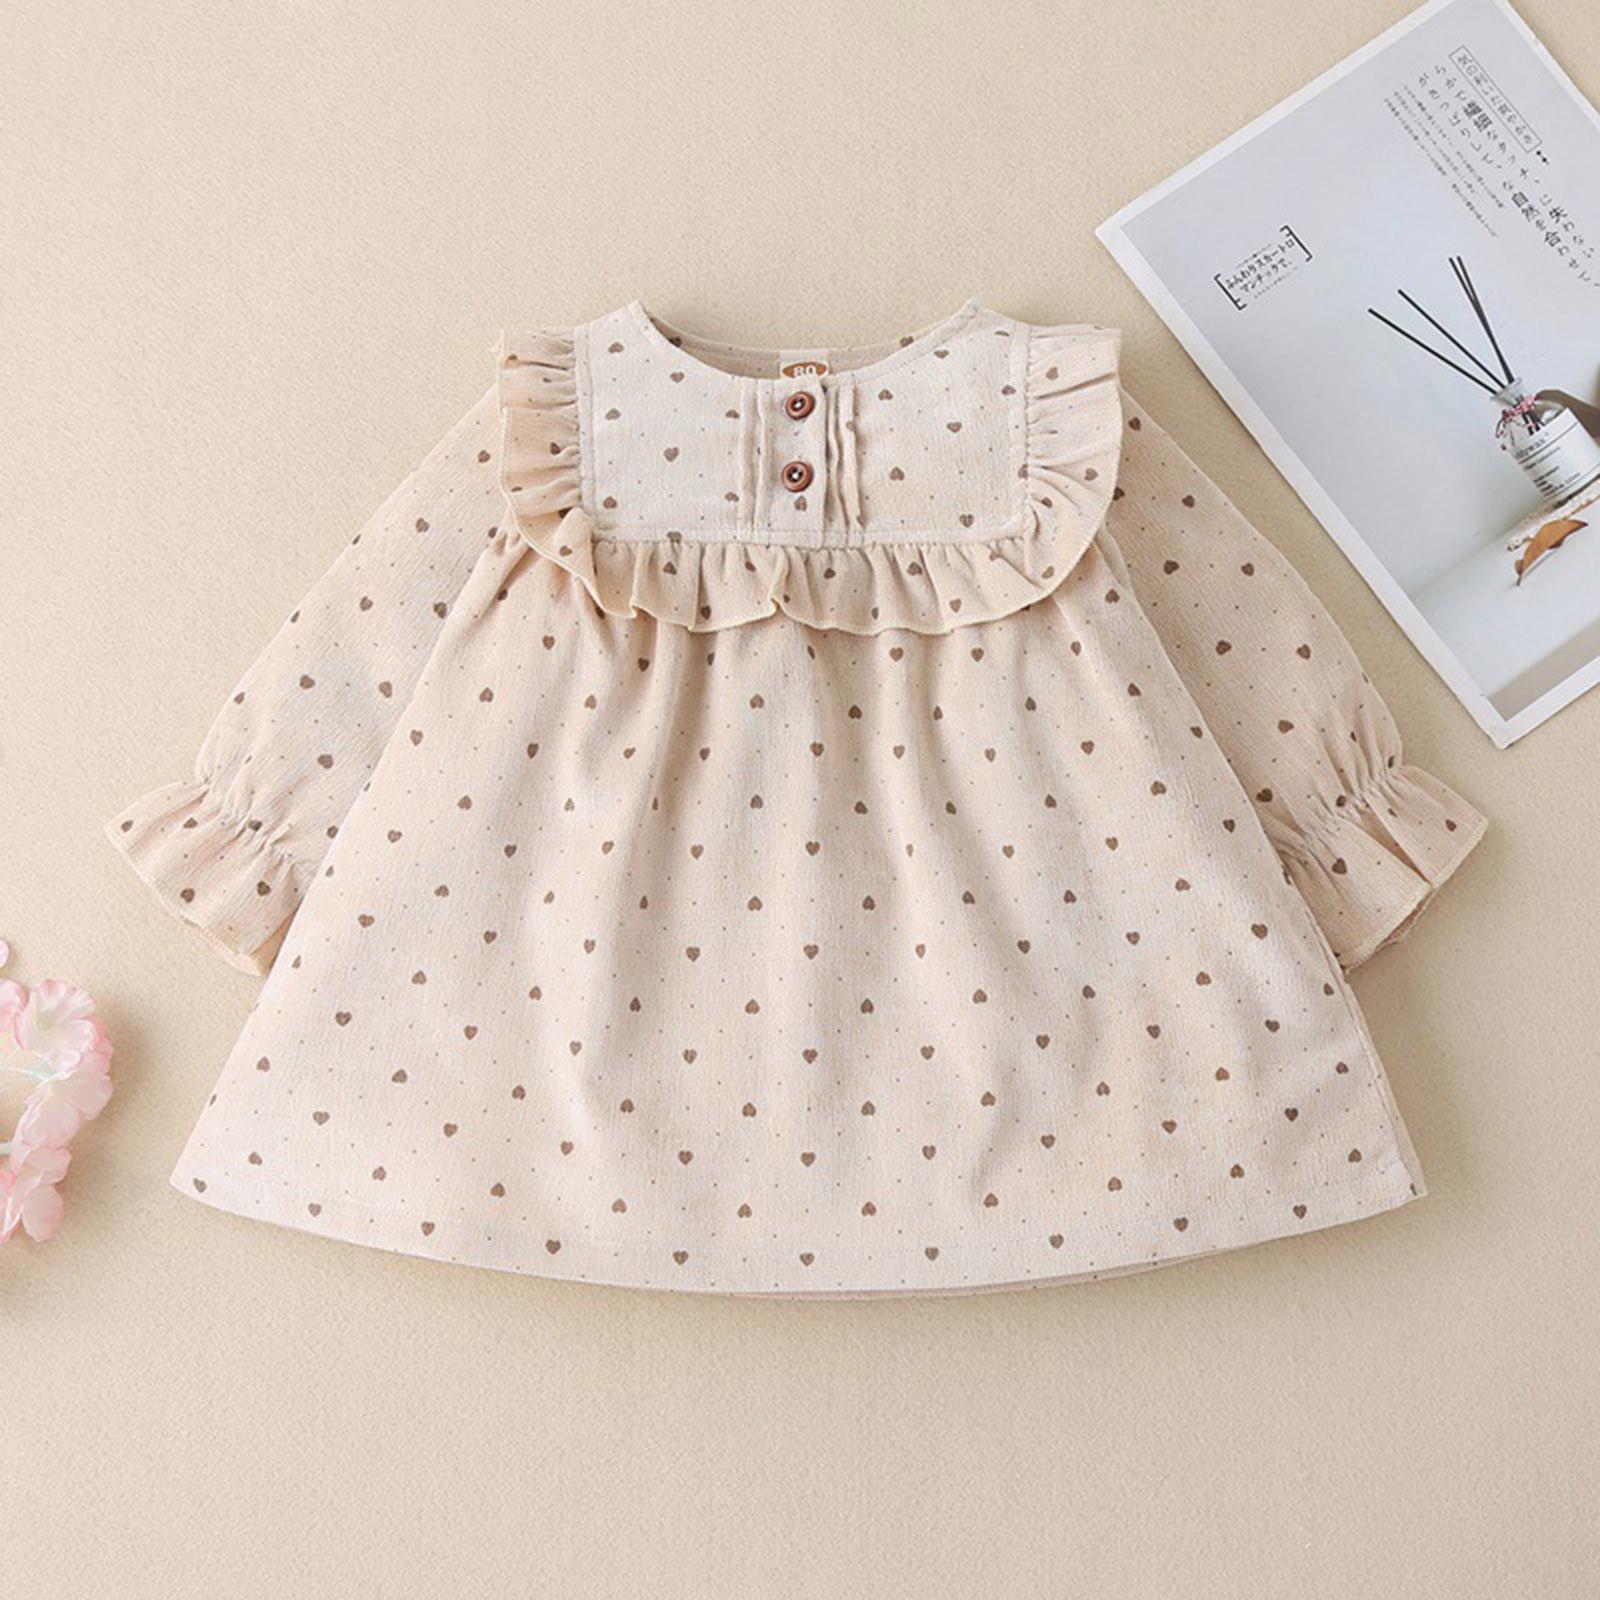 Одежда для малышей платье для девочек без рукавов с принтом в виде сердечек с кружевом платье принцессы для девочек, платье принцессы, Детск...